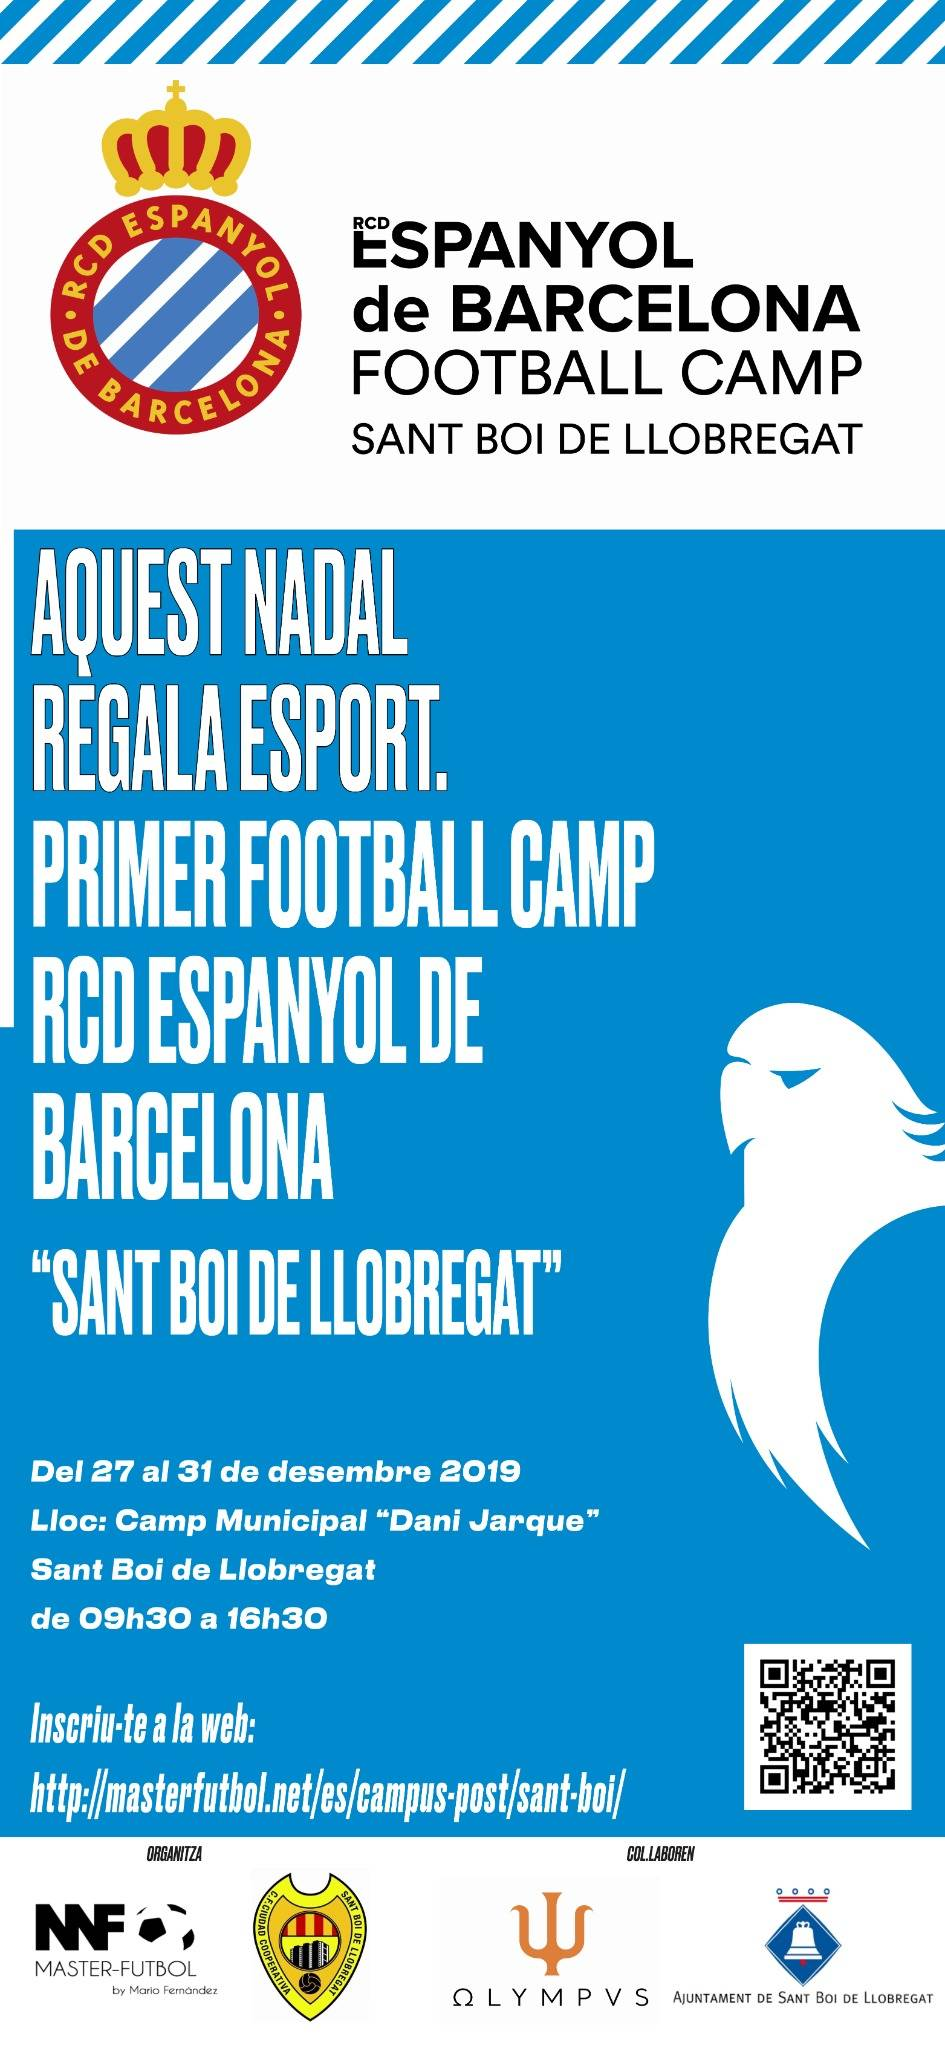 Campus RCD Espanyol